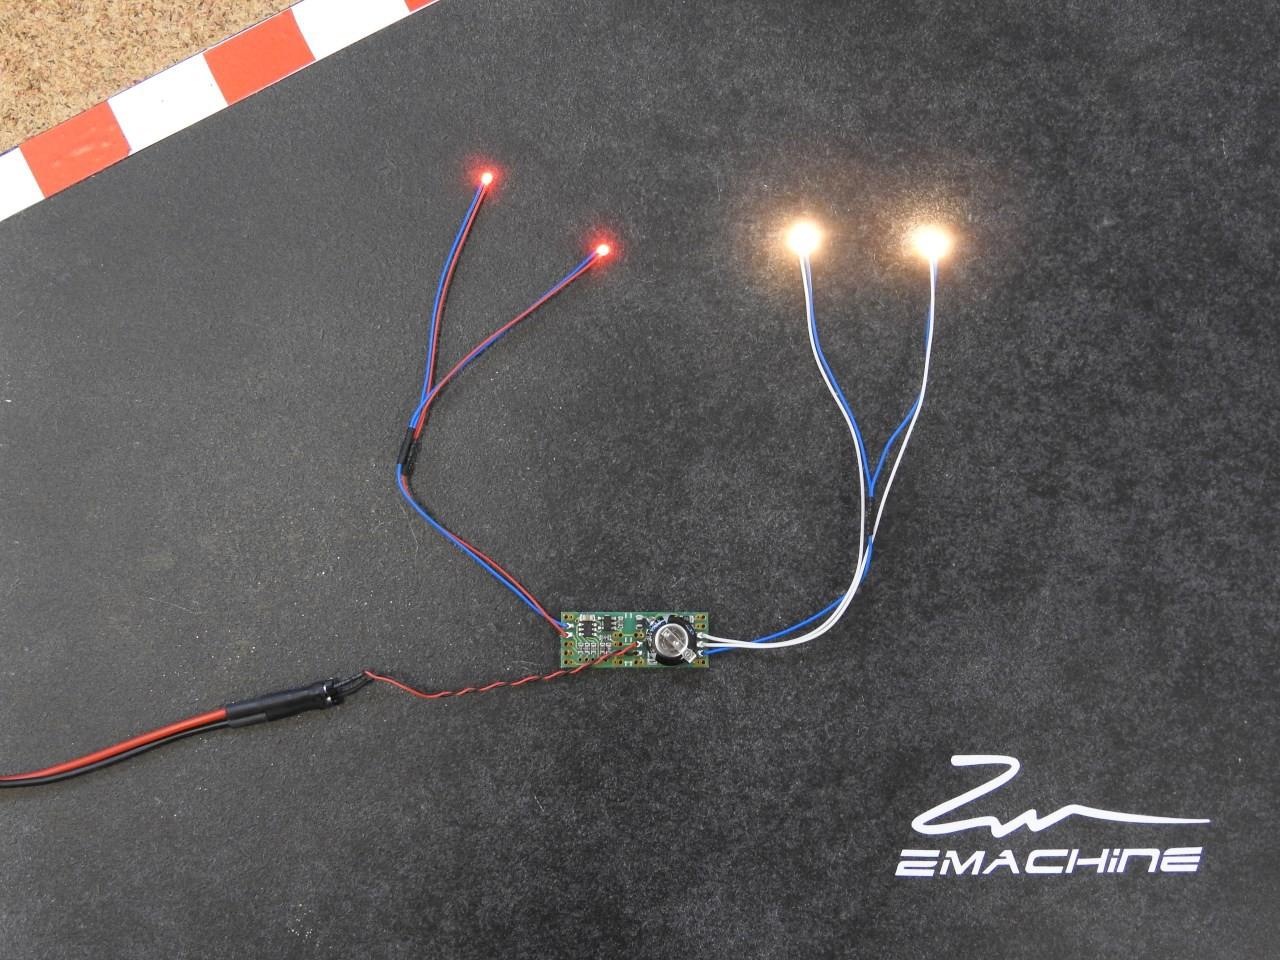 Zmachine Kit Lumière ZM165BWD32 Blanc chaud